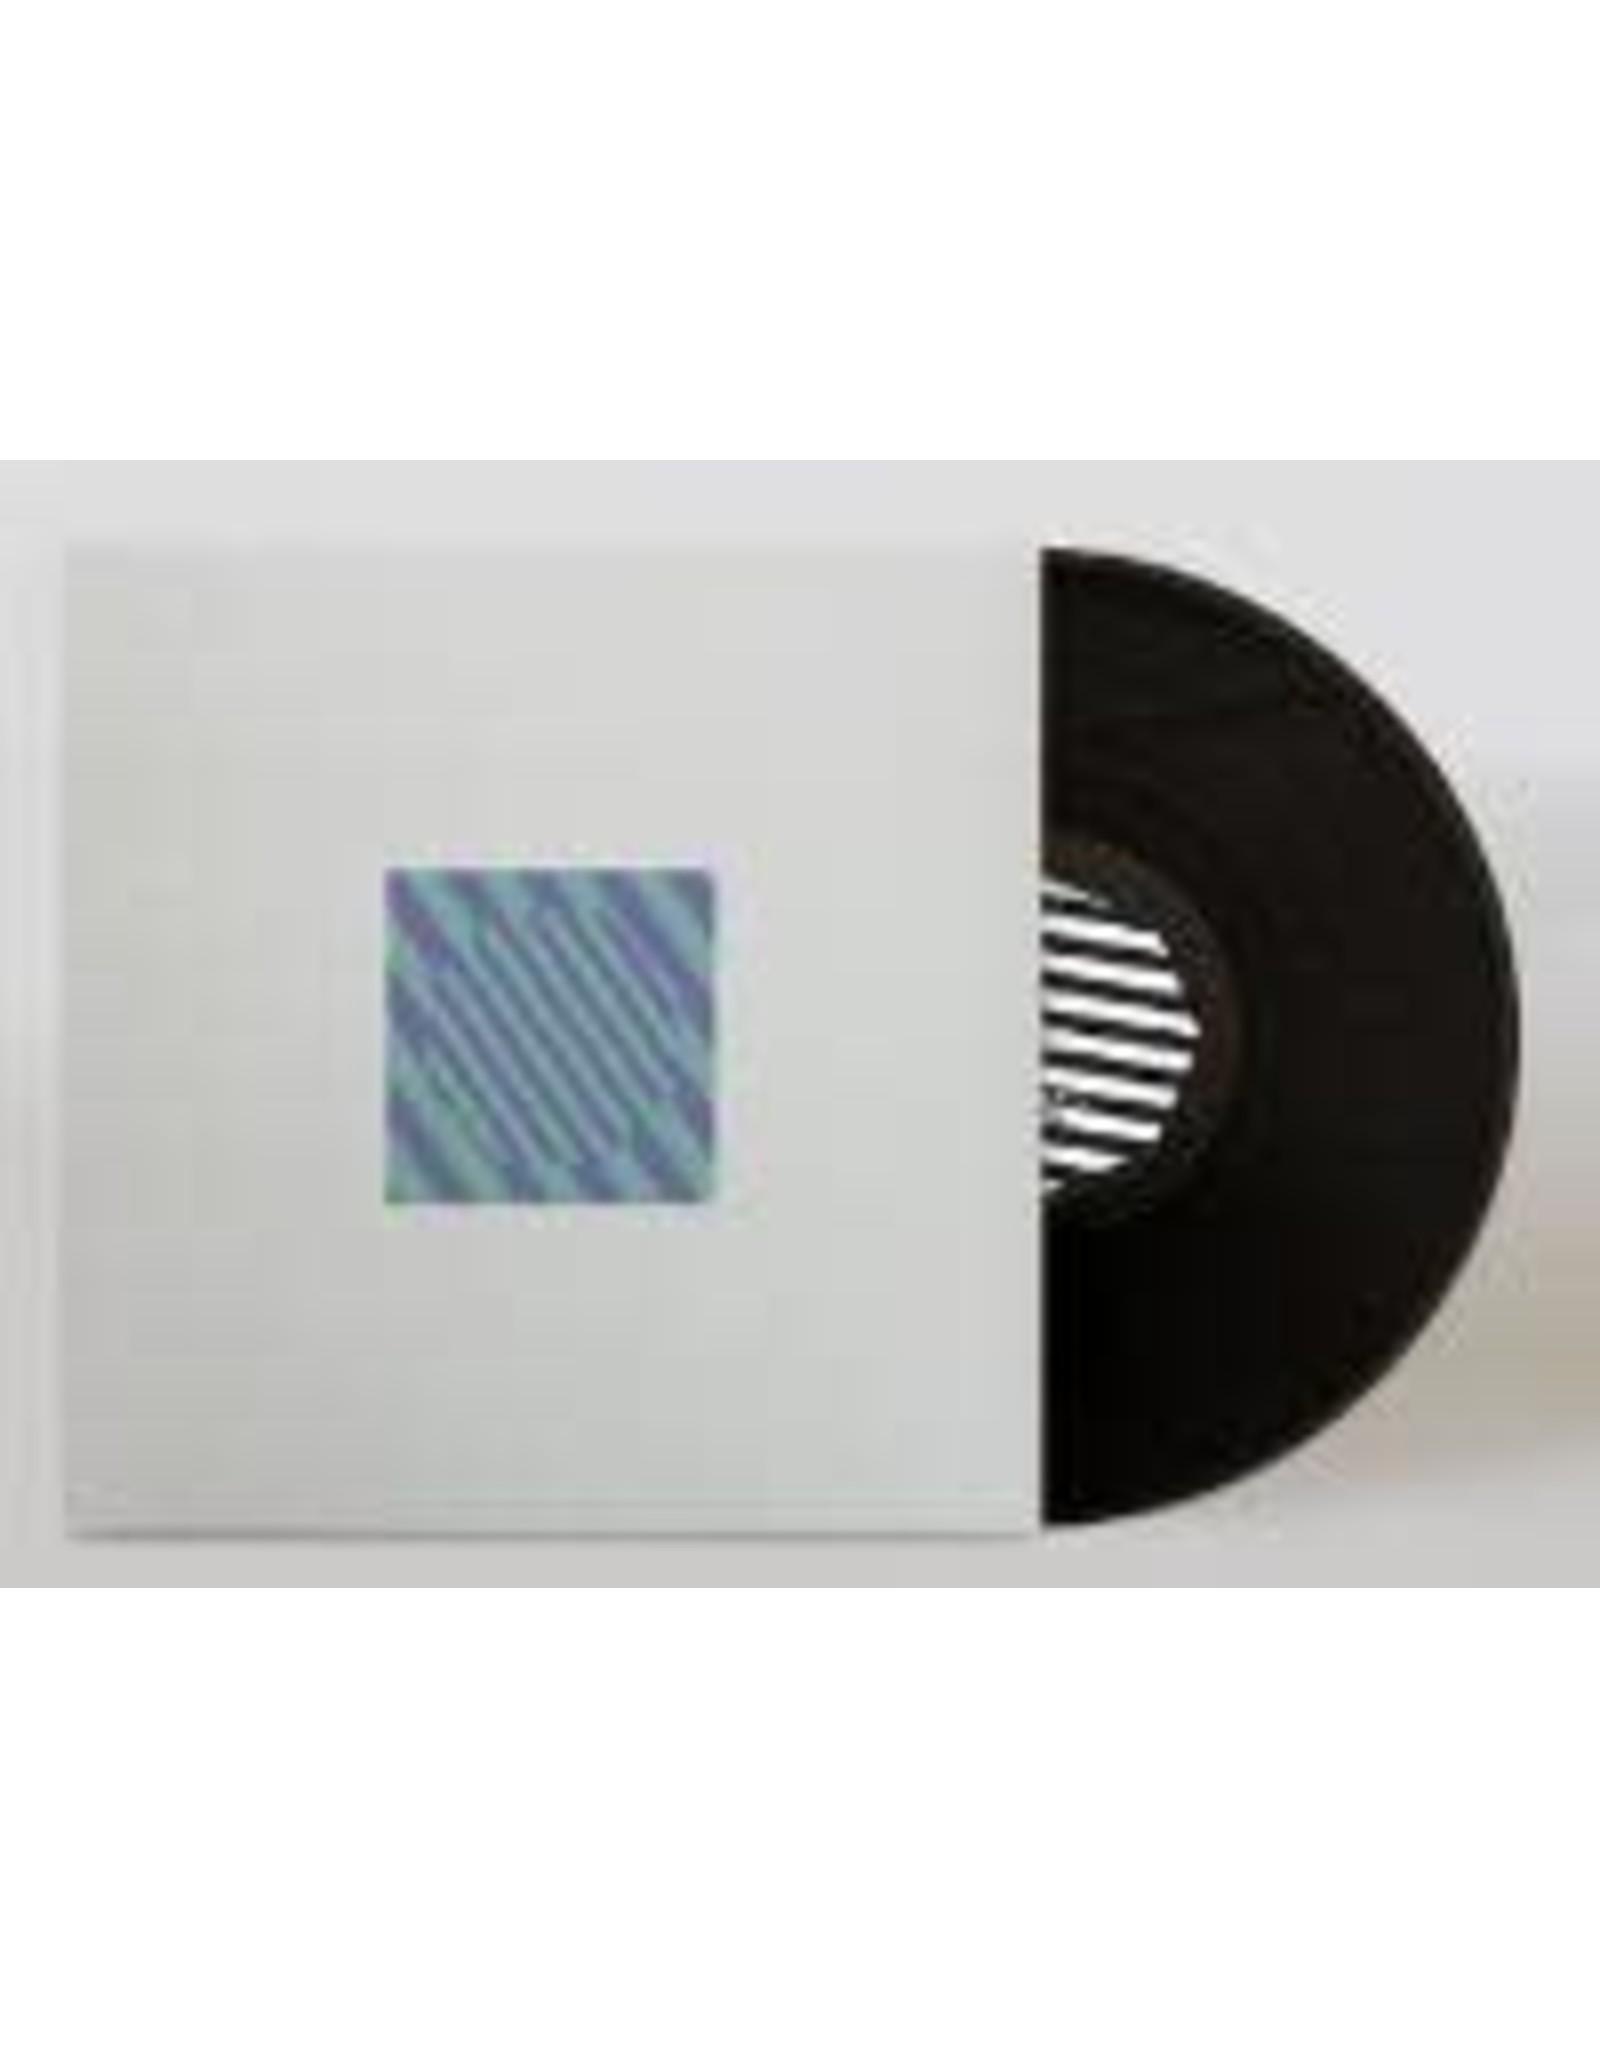 Merge Caribou: Never Come Back (Four Tet/MorganGeist remixes) LP